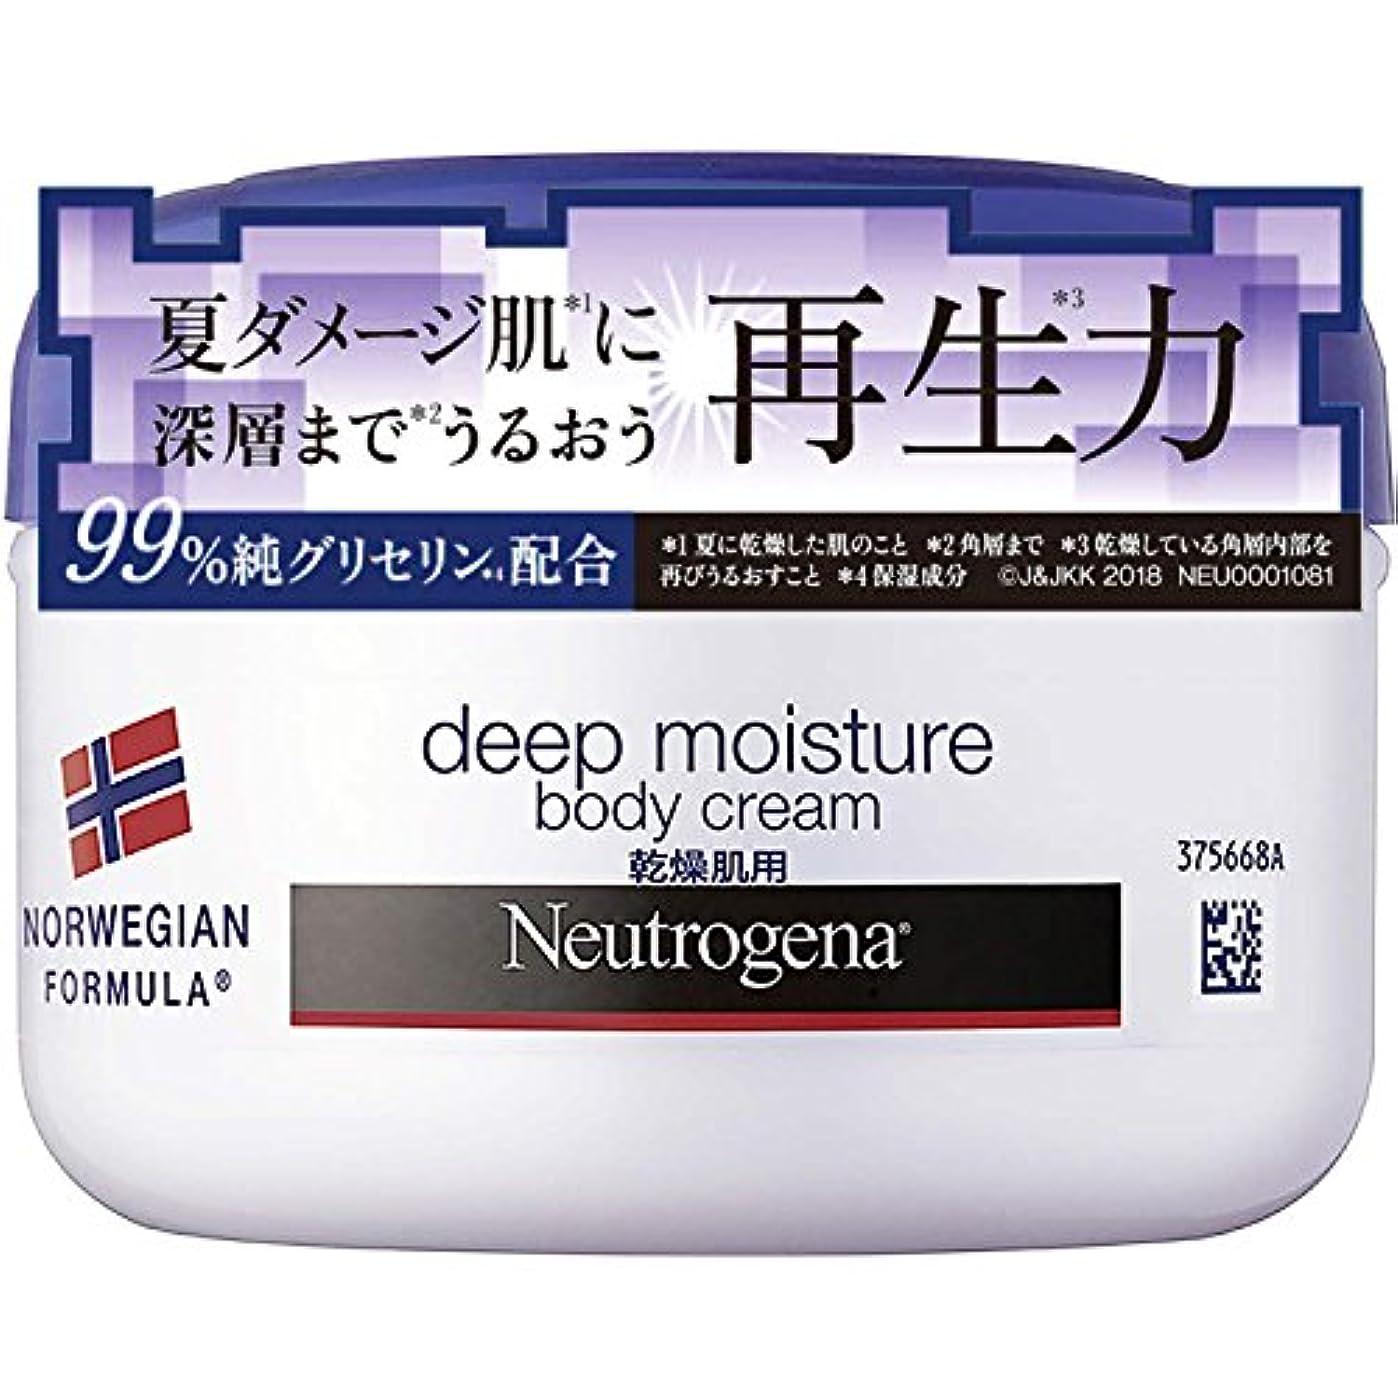 再集計コーヒー半球Neutrogena(ニュートロジーナ) ノルウェーフォーミュラ ディープモイスチャー ボディクリーム 乾燥肌用 微香性 200ml